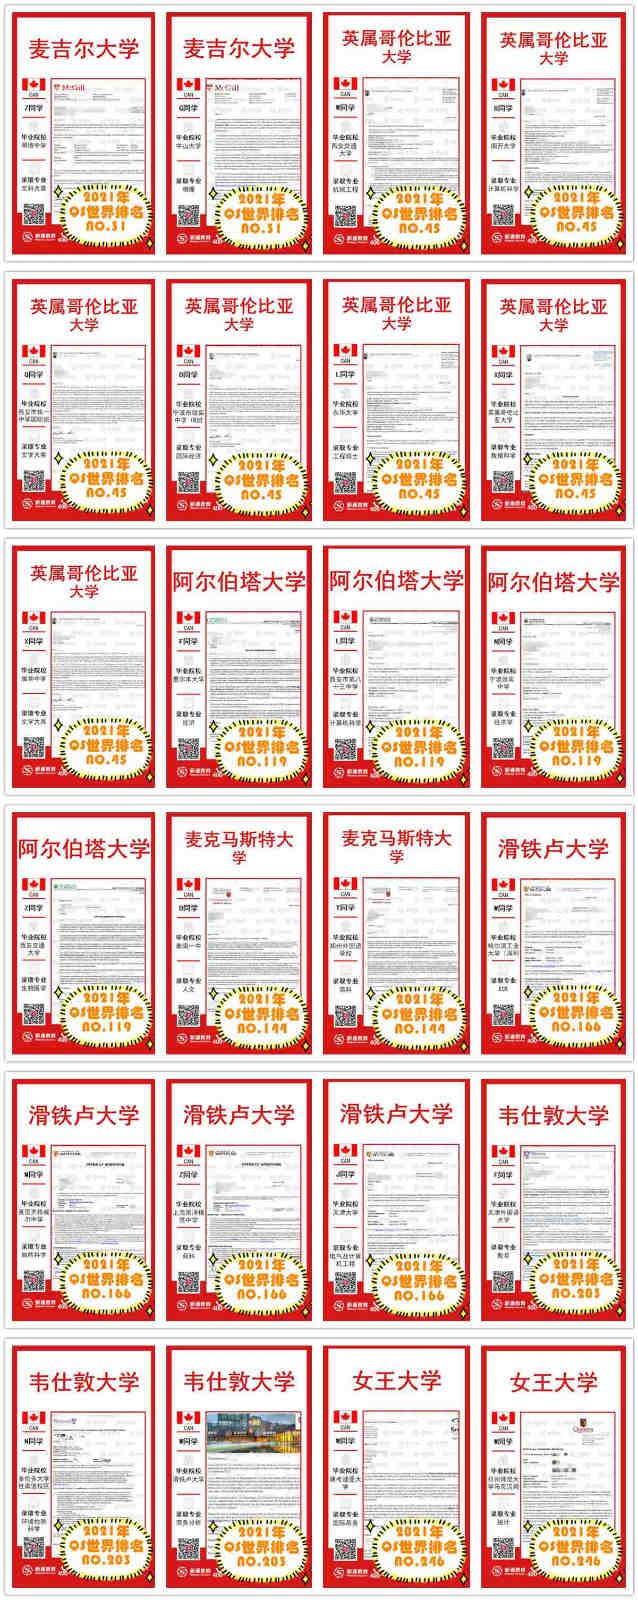 加拿大名校offer集锦(部分)2